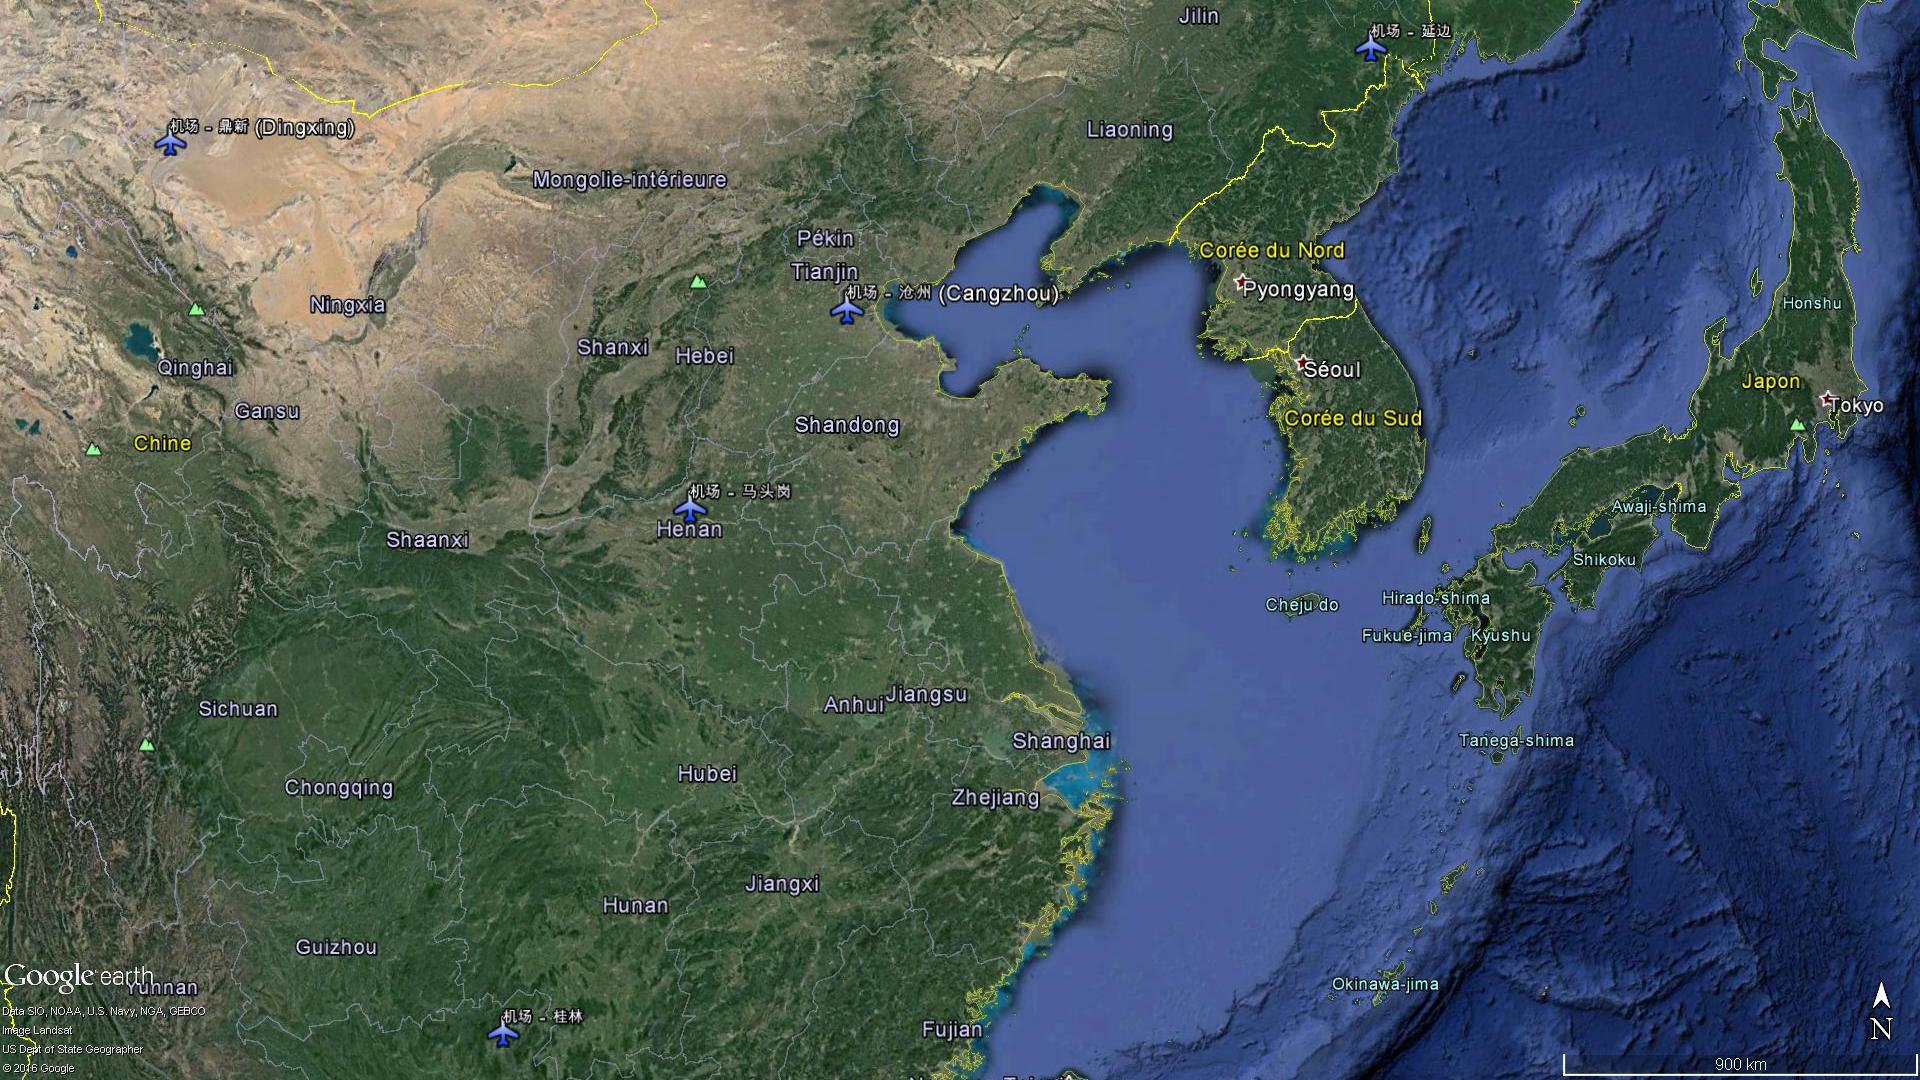 2016 08 26 - Combien de J-10B sont produits et déployés - 24